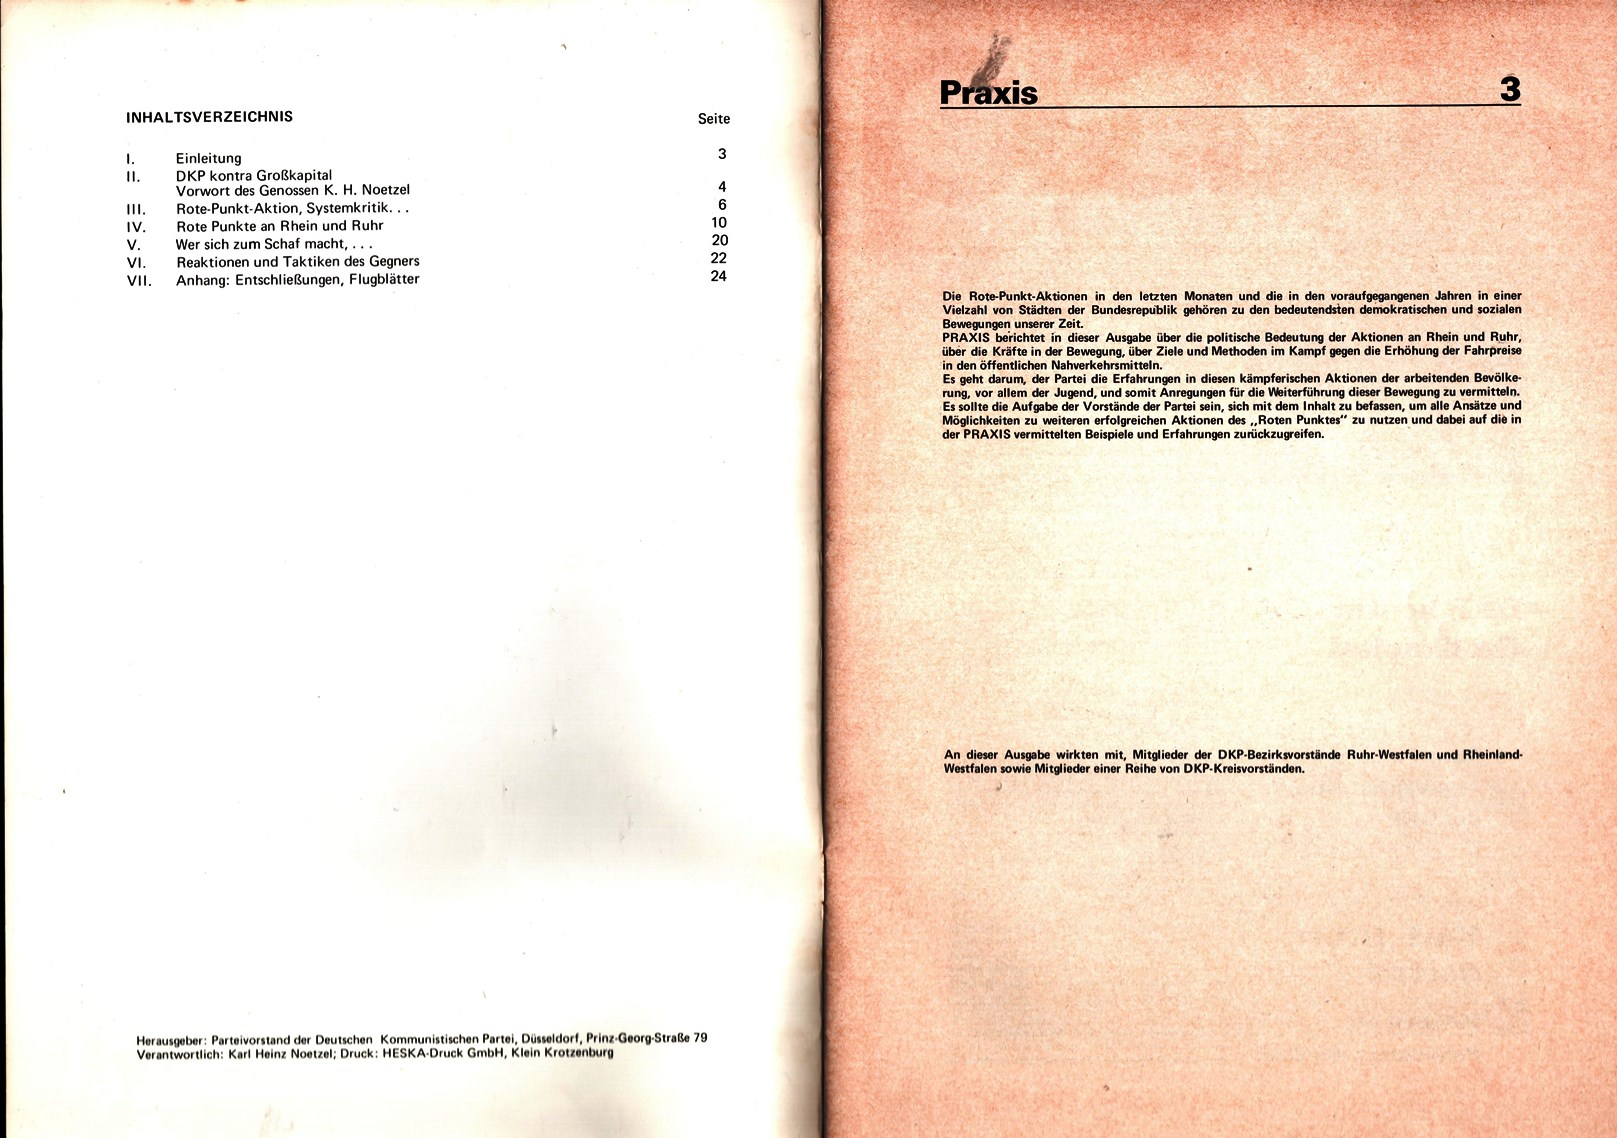 DKP_Praxis_1971_04_002